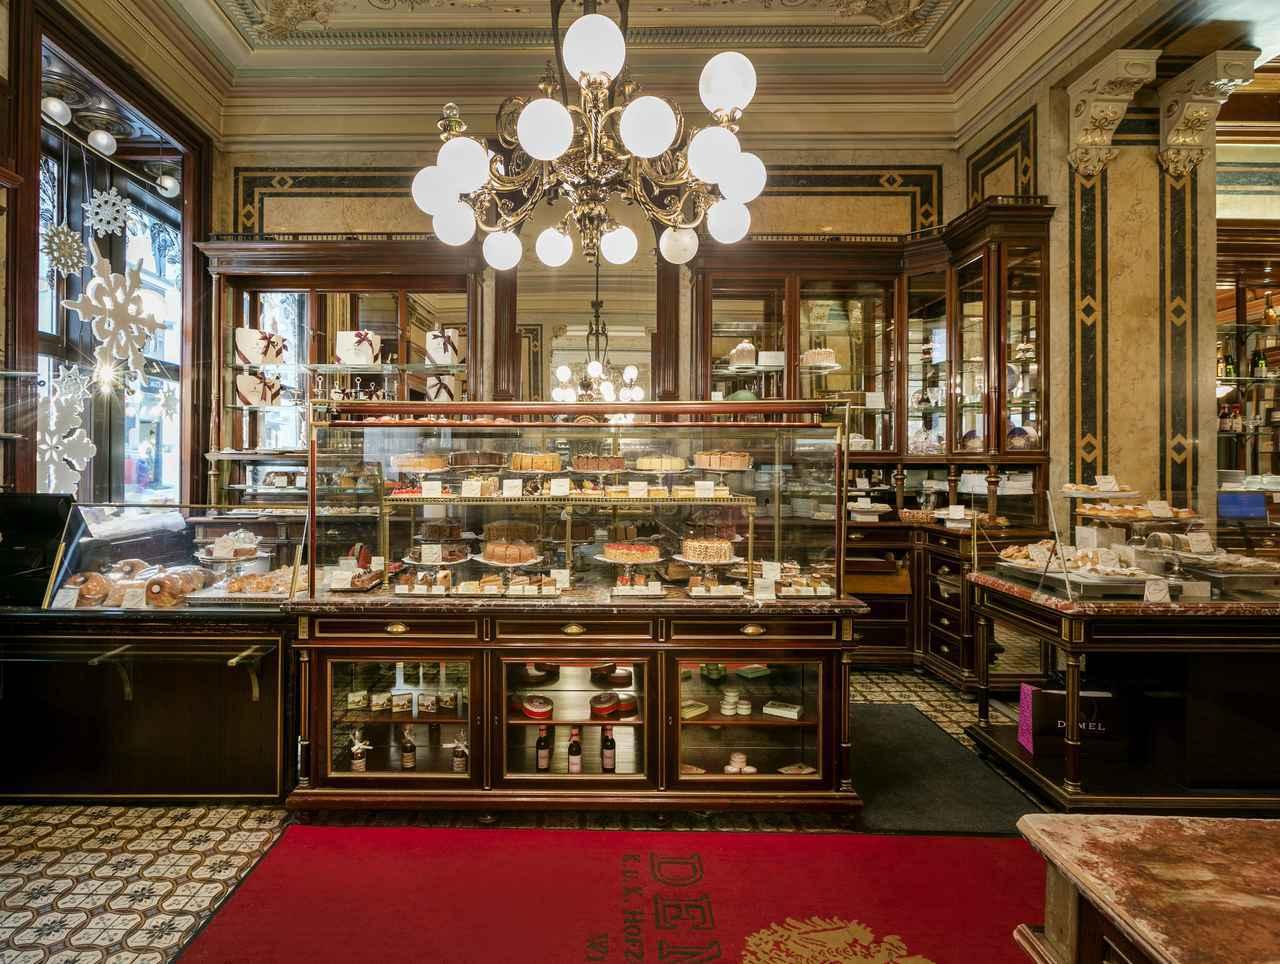 画像: 世界のカフェ歩き<第2回>『オーストリアのカフェと食文化』【好奇心で旅する海外】<海外の「味」物語> - クラブログ ~スタッフブログ~|クラブツーリズム